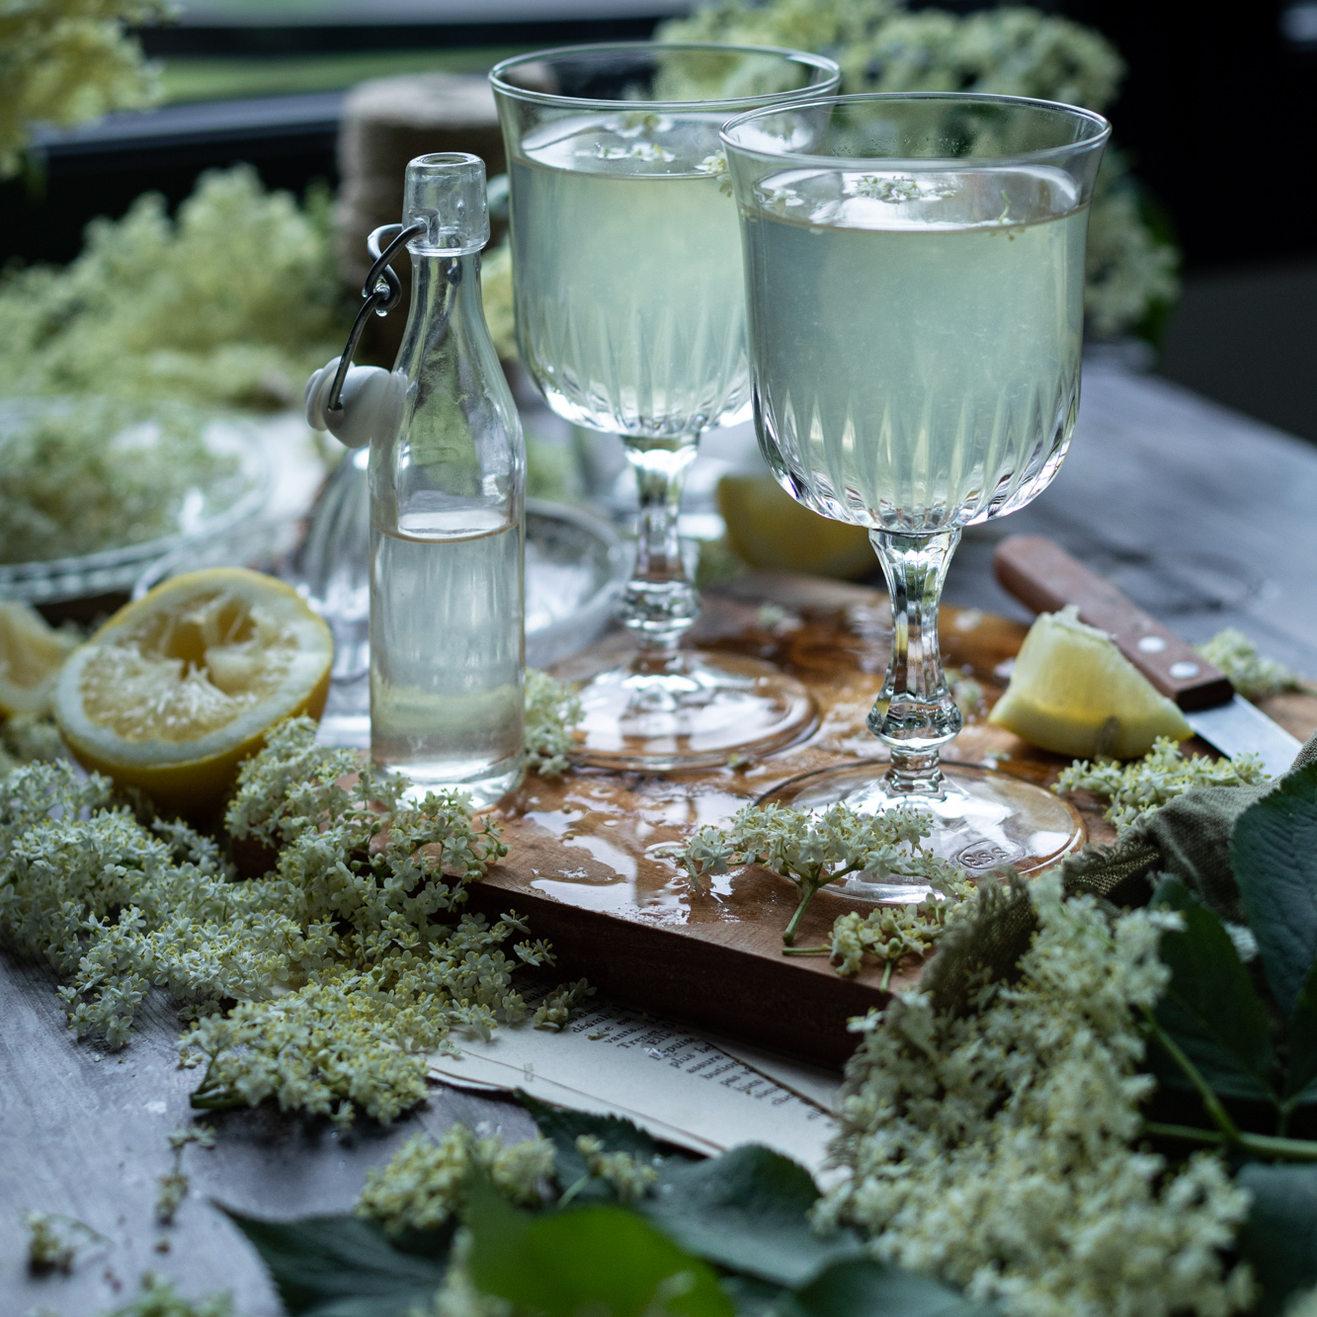 Photographie culinaire - Sirop de sureau